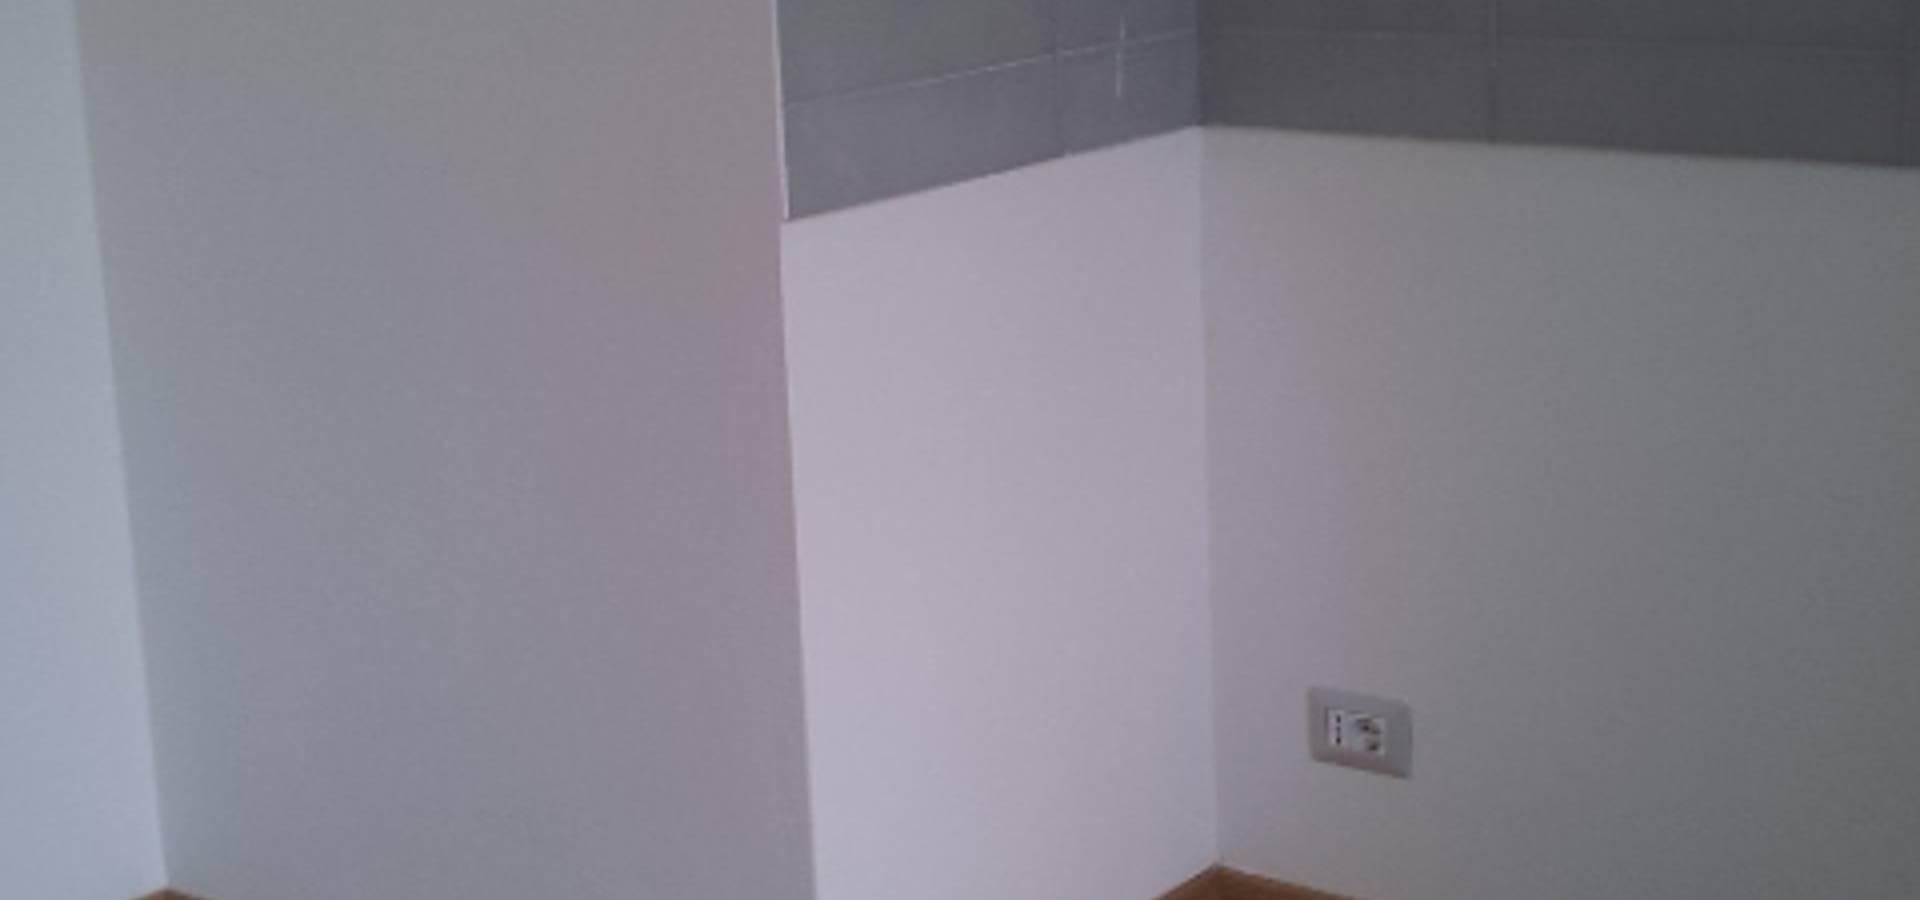 MP costruzioni edili srl